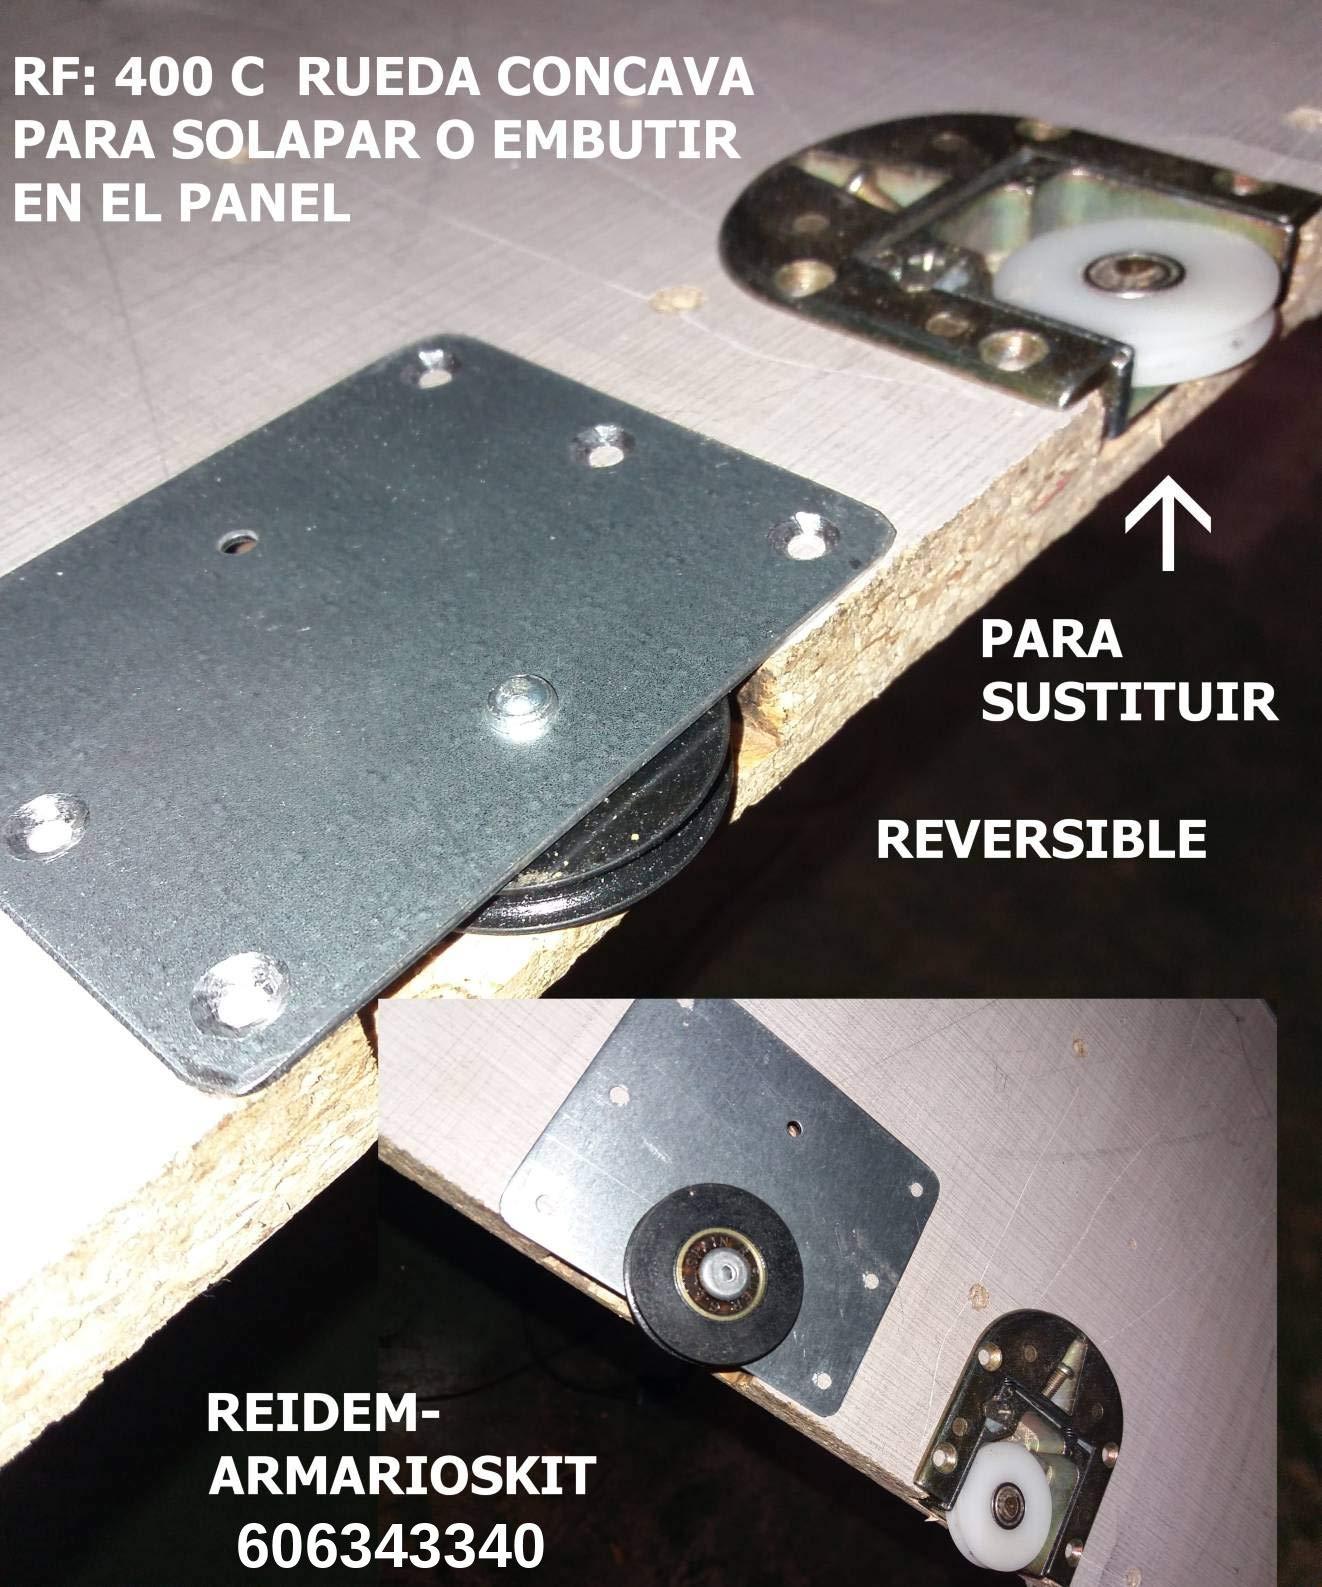 RUEDAS PUERTAS ARMARIO CORREDERA: Amazon.es: Bricolaje y herramientas